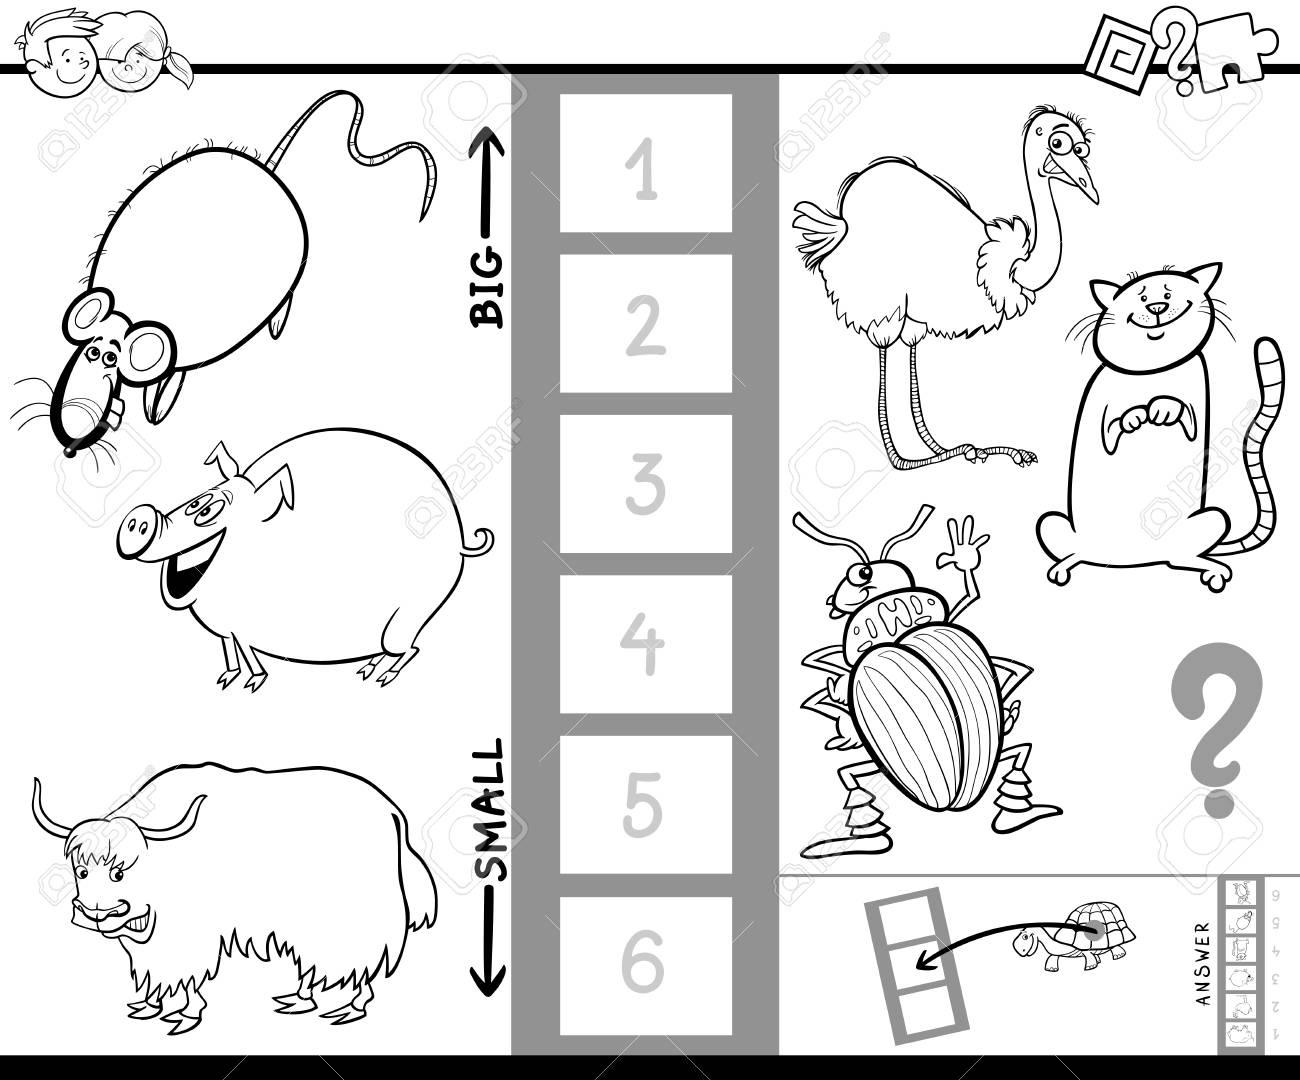 Ilustración De Dibujos Animados Blanco Y Negro De Juegos De